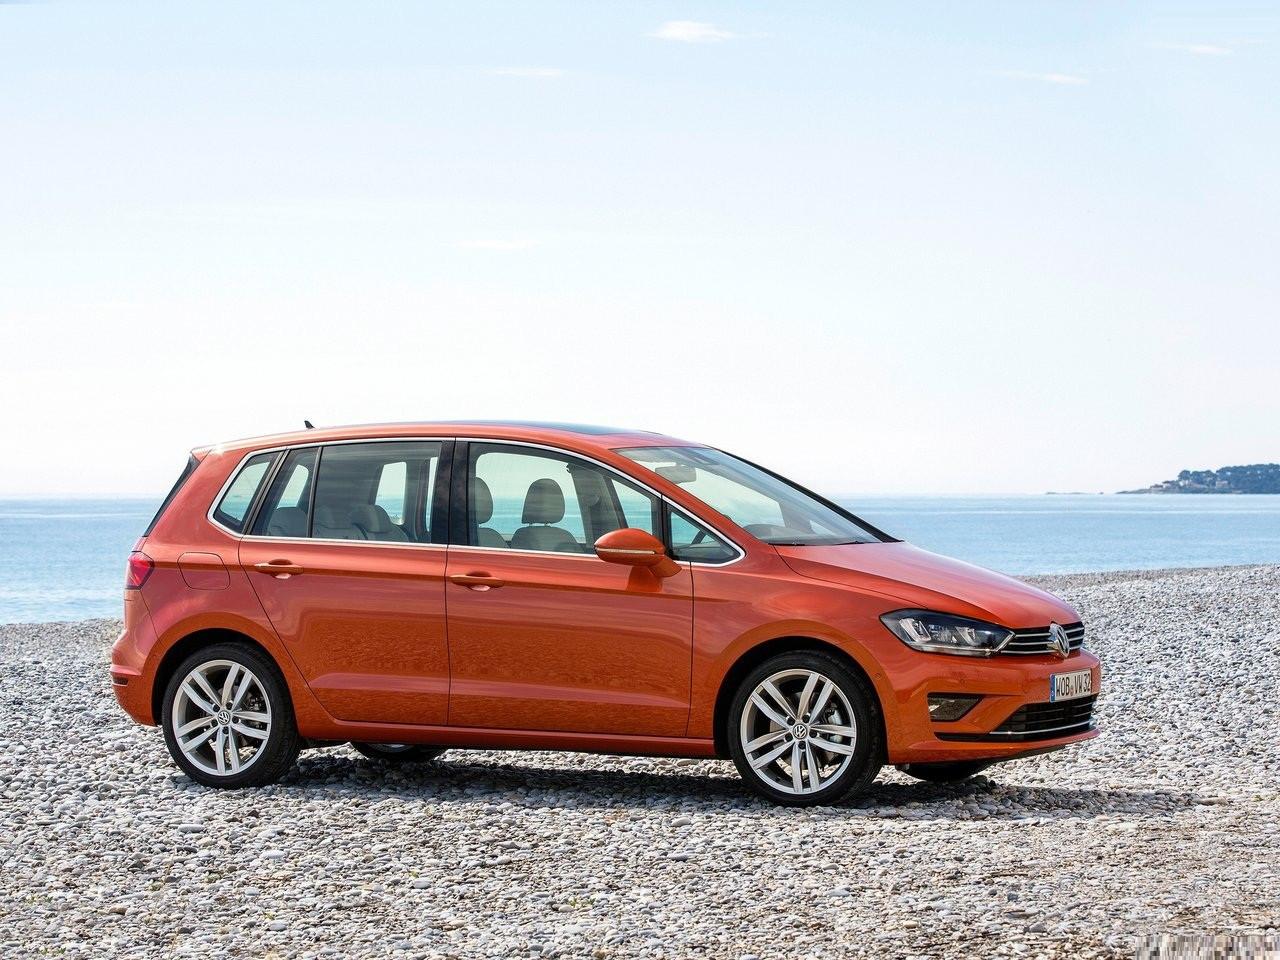 VW выпустил кросс-версию компактвэна Golf Sportsvan